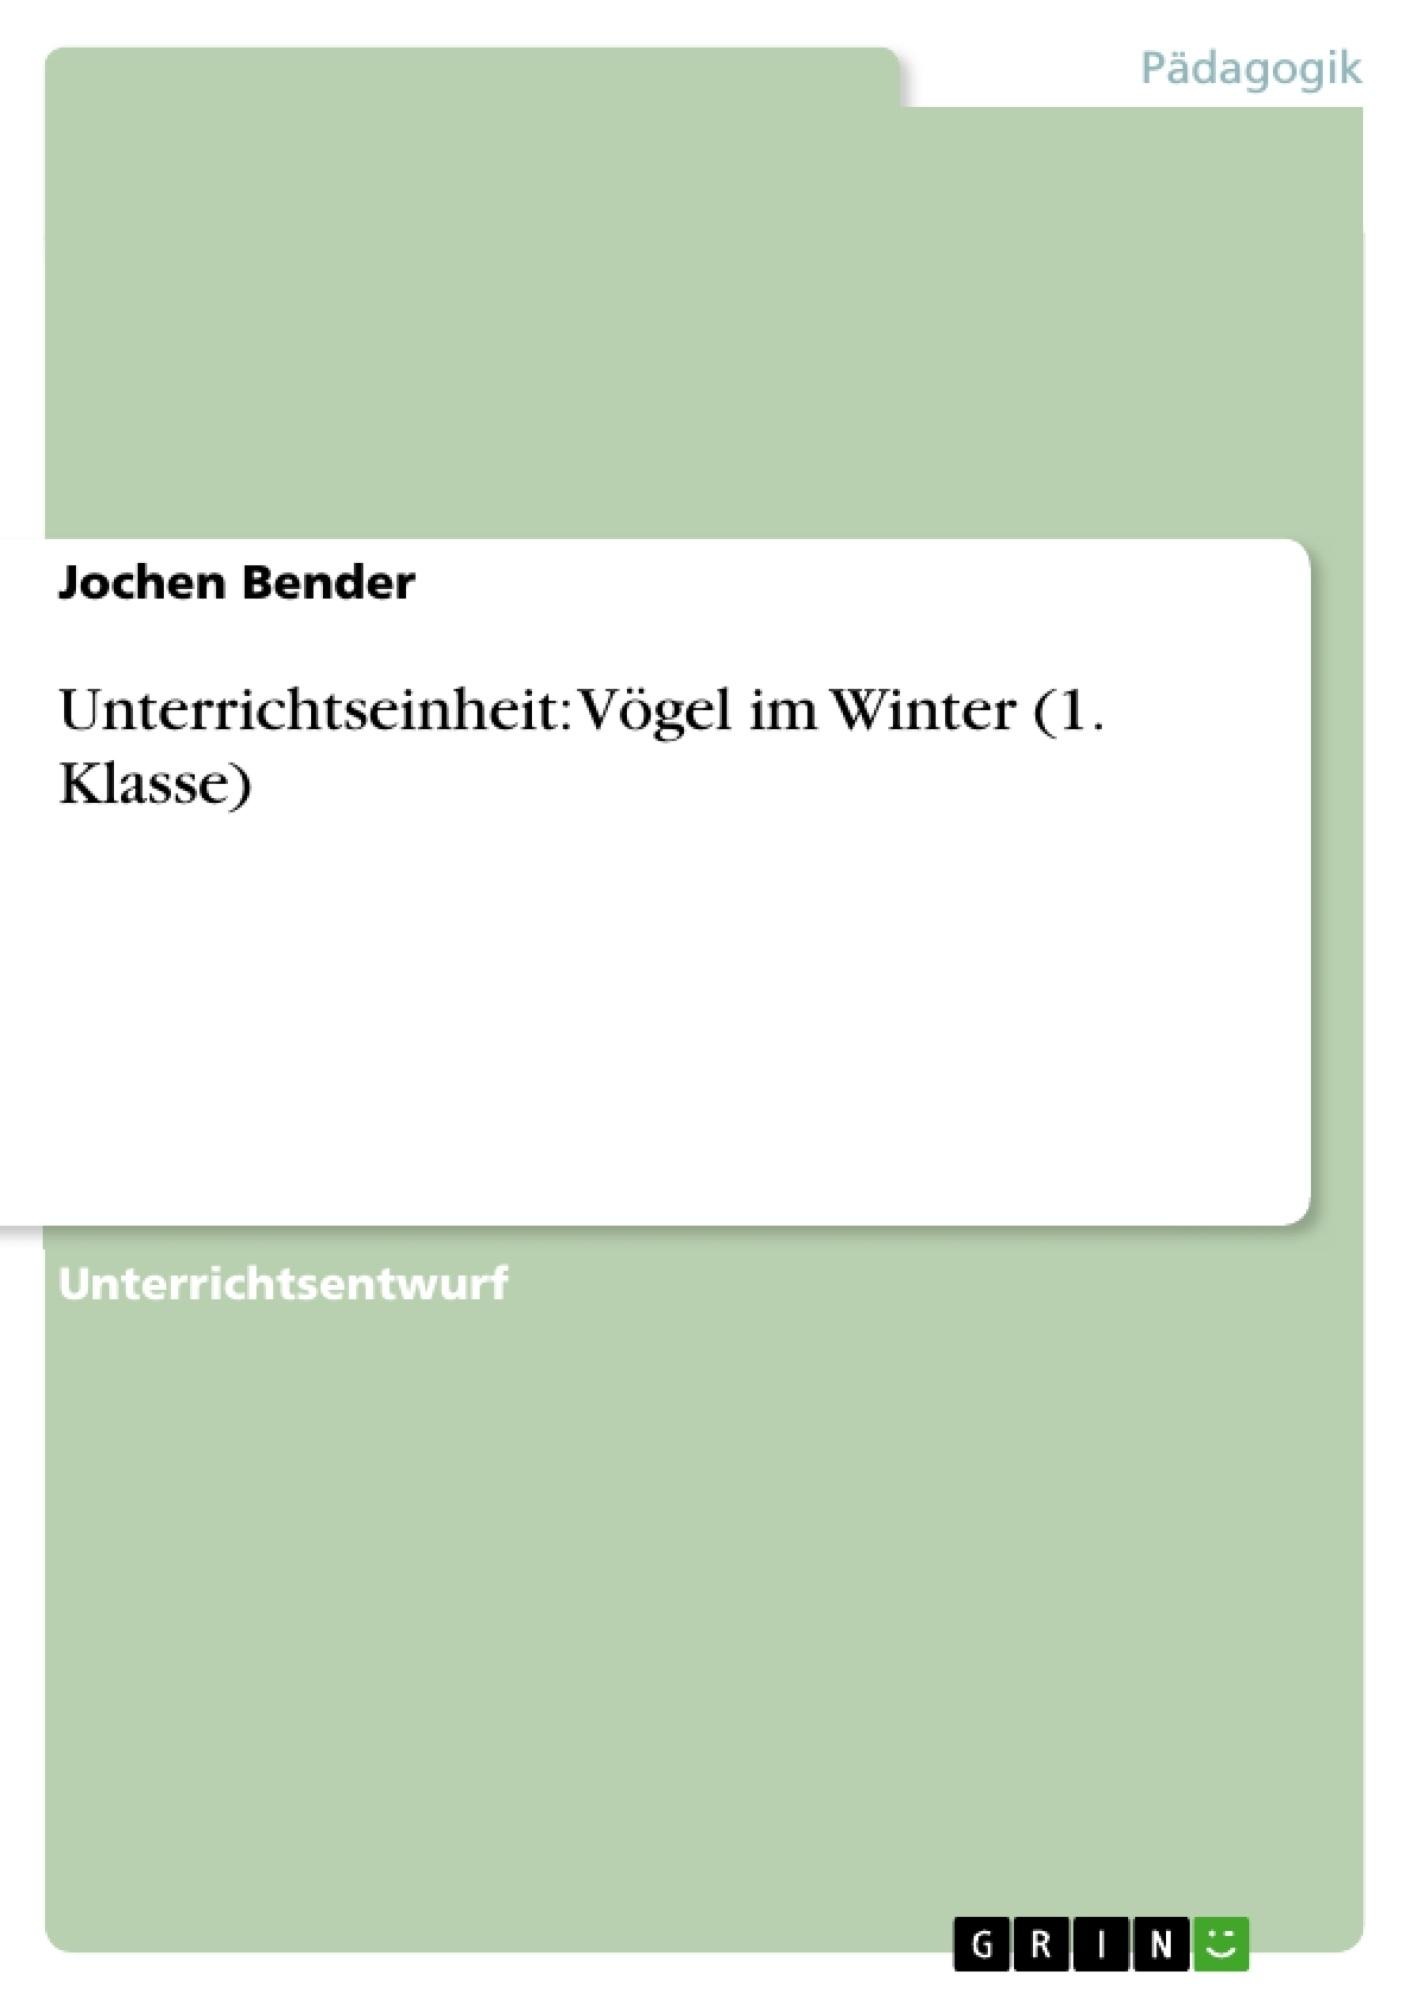 Titel: Unterrichtseinheit: Vögel im Winter (1. Klasse)